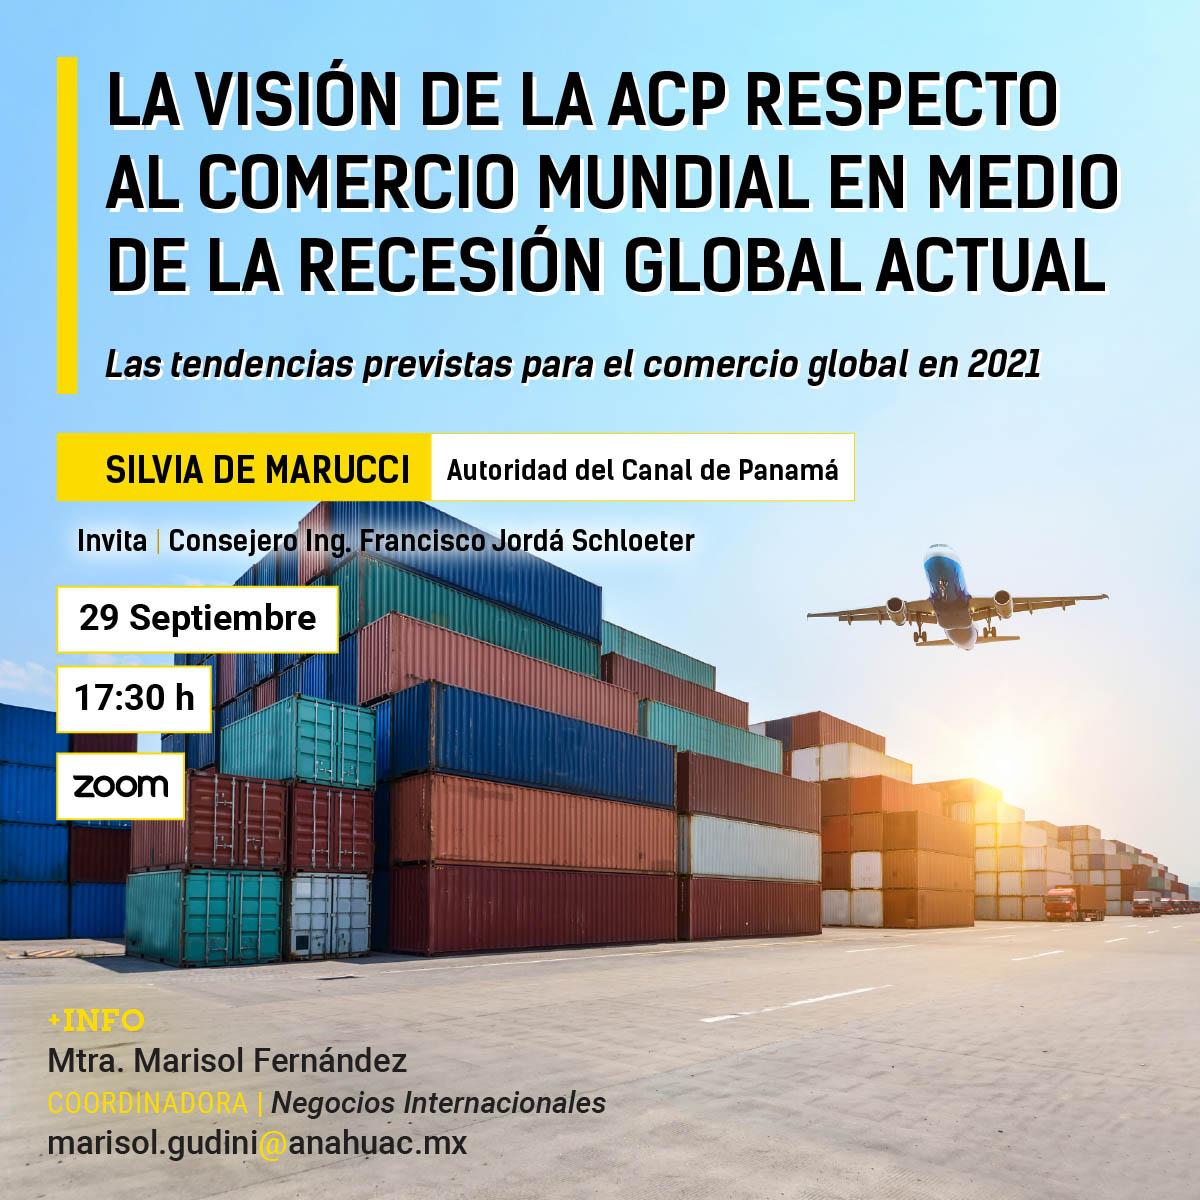 La Visión de la ACP Respecto al Comercio Mundial en Medio de la Recesión Global Actual